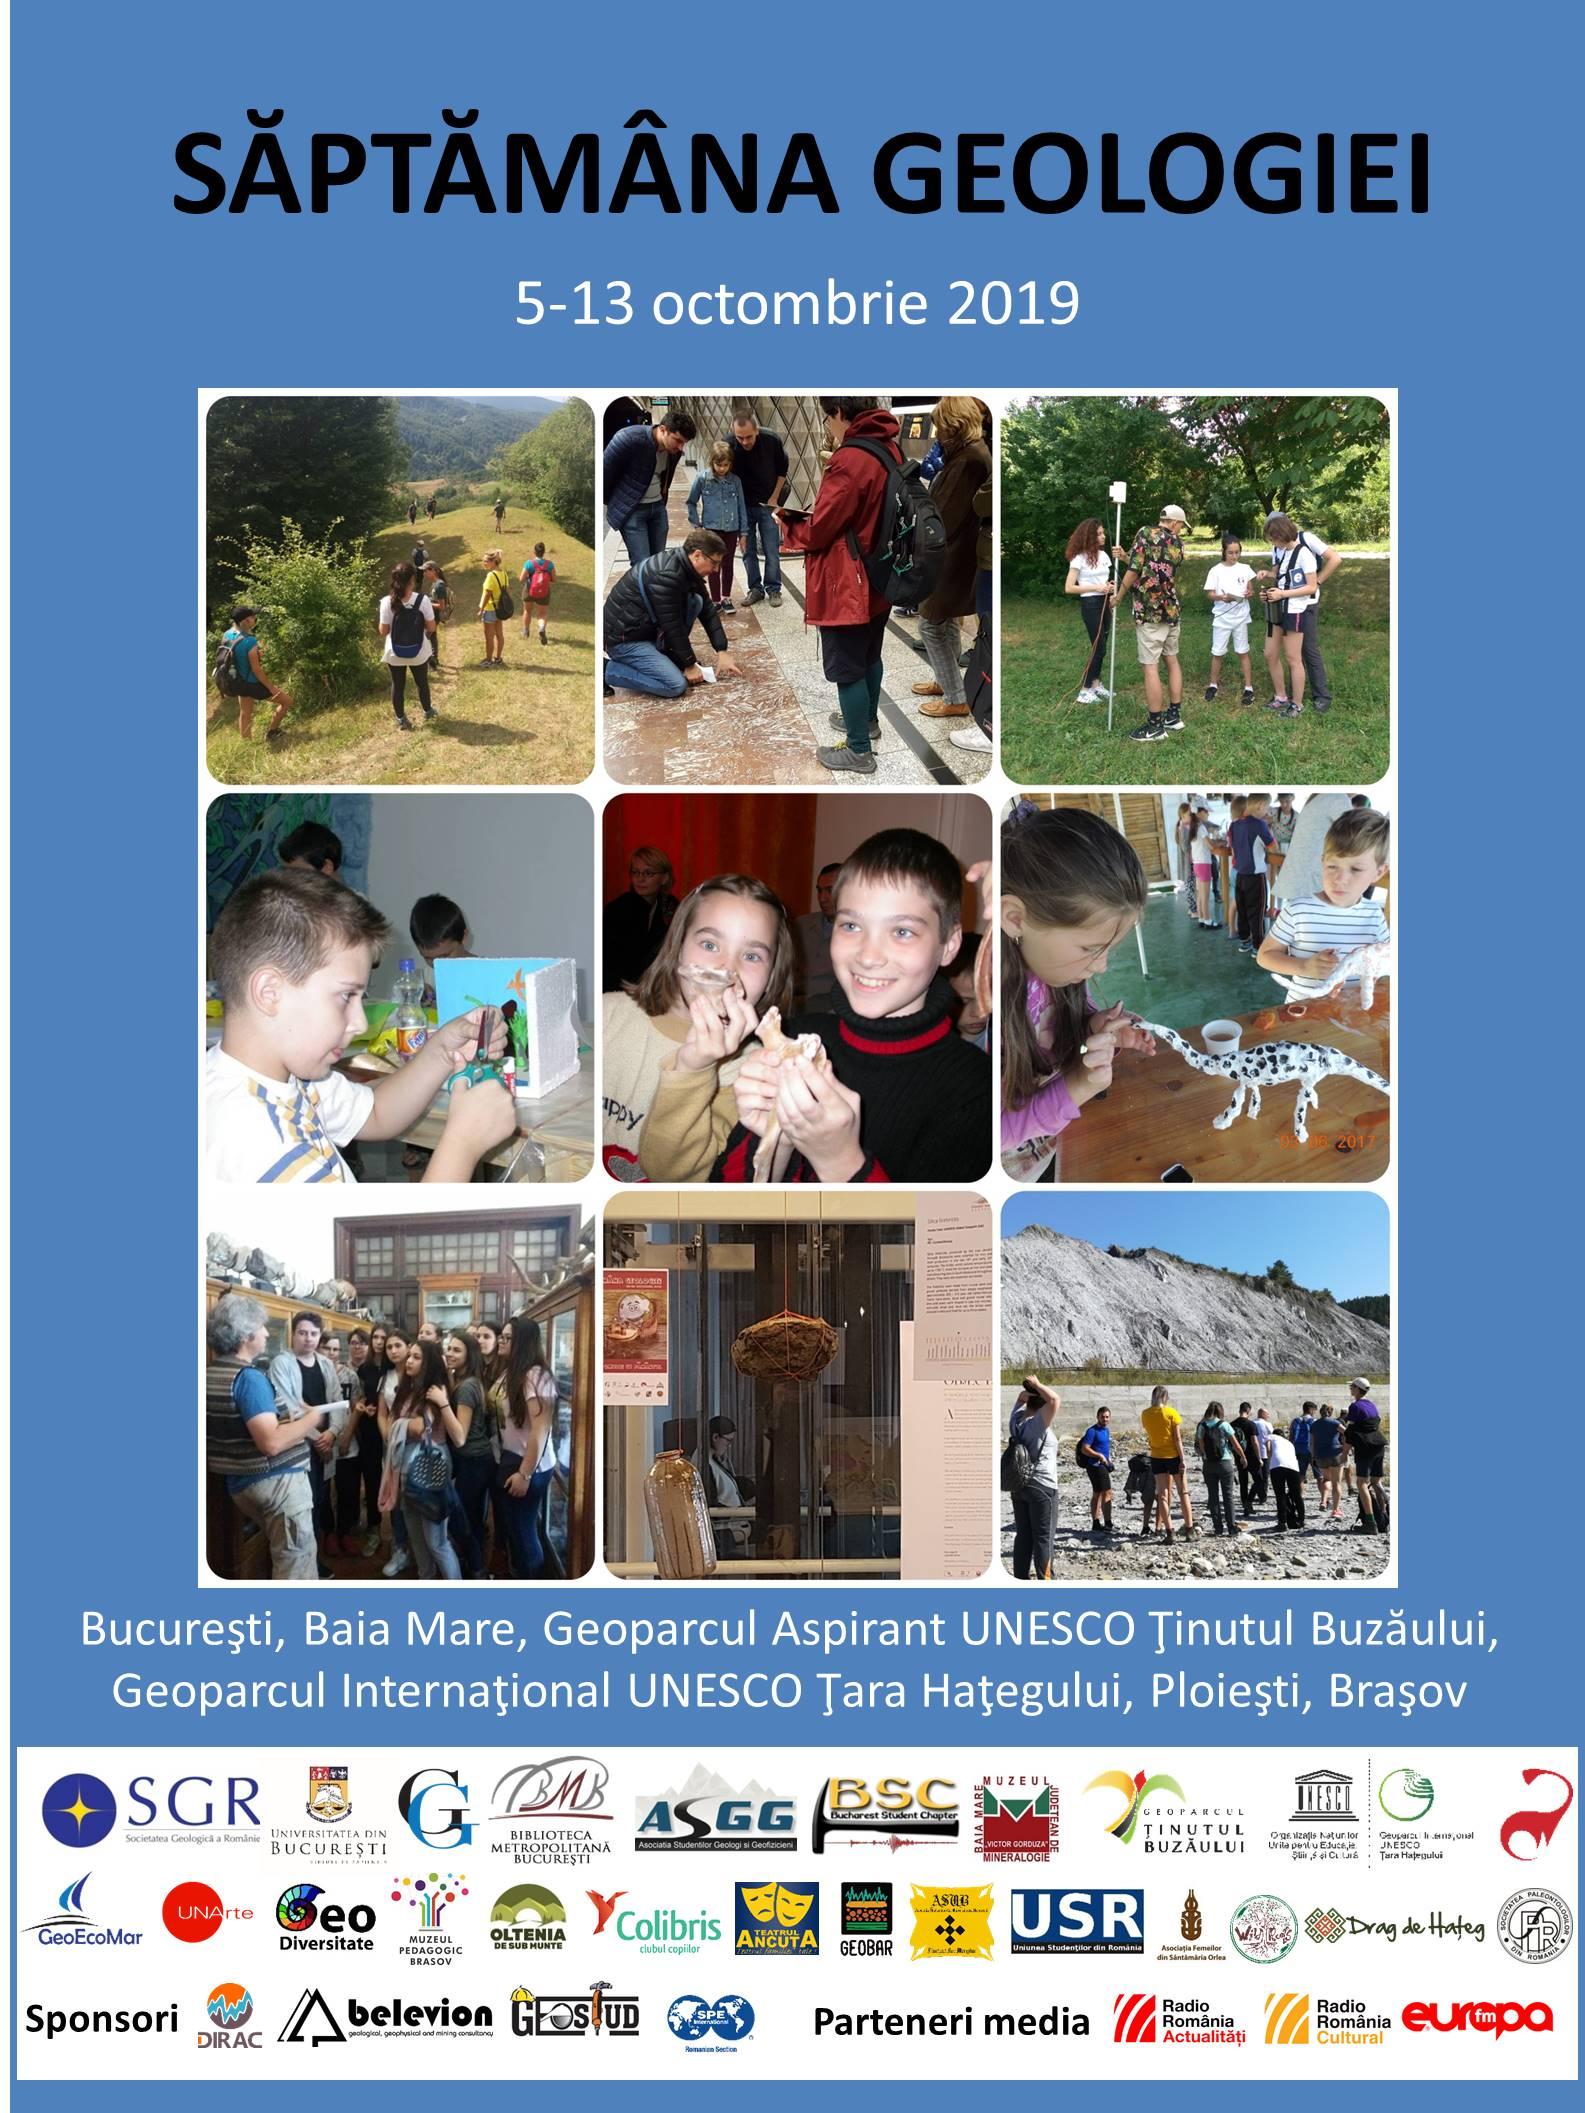 Săptămâna Geologiei, celebrată în Geoparc